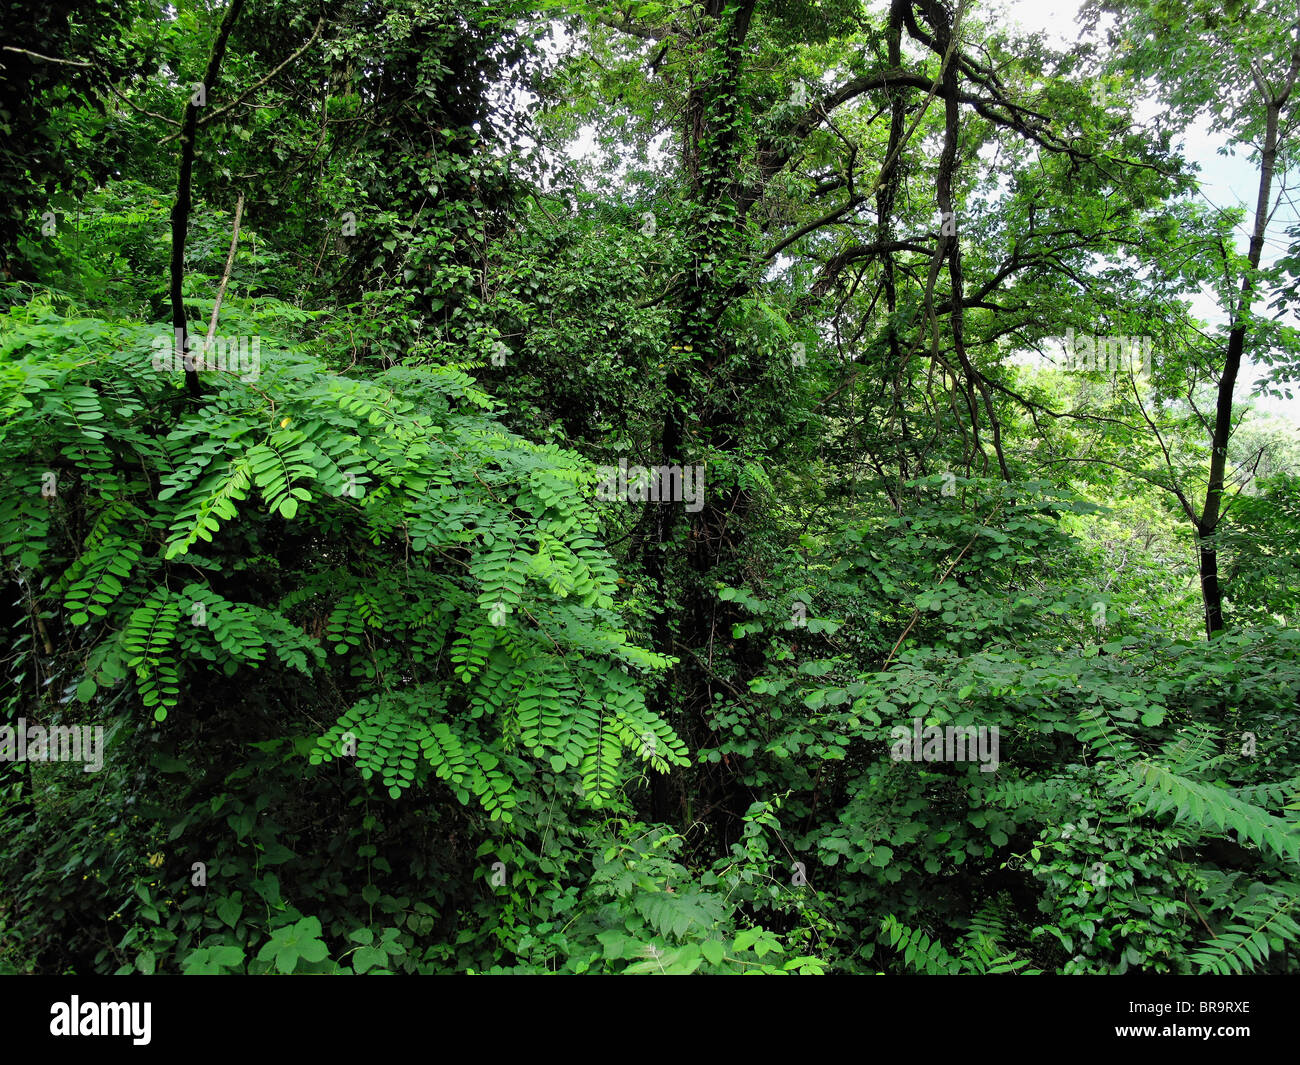 üppige Vegetation nach Regenschauer (in der Nähe von Dorf von Ascona) - Kanton Tessin - Schweiz Stockbild